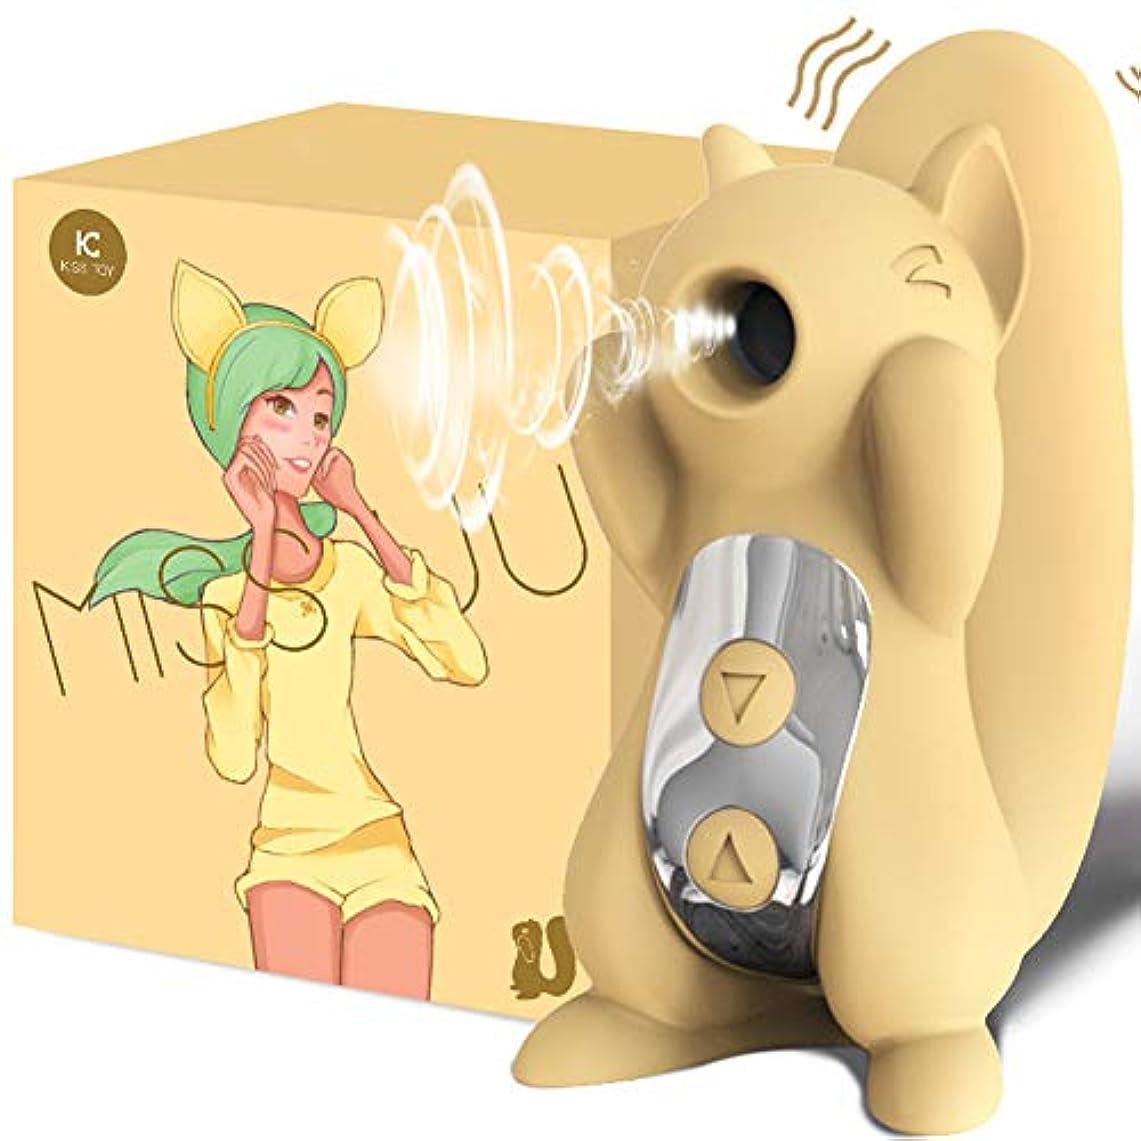 地元間違えた大量Rabugoo 大人のおもちゃ 漫画形状膣吸引バイブレーターオーラルセックス吸引クリトリス刺激女性エロティックおもちゃ 黄